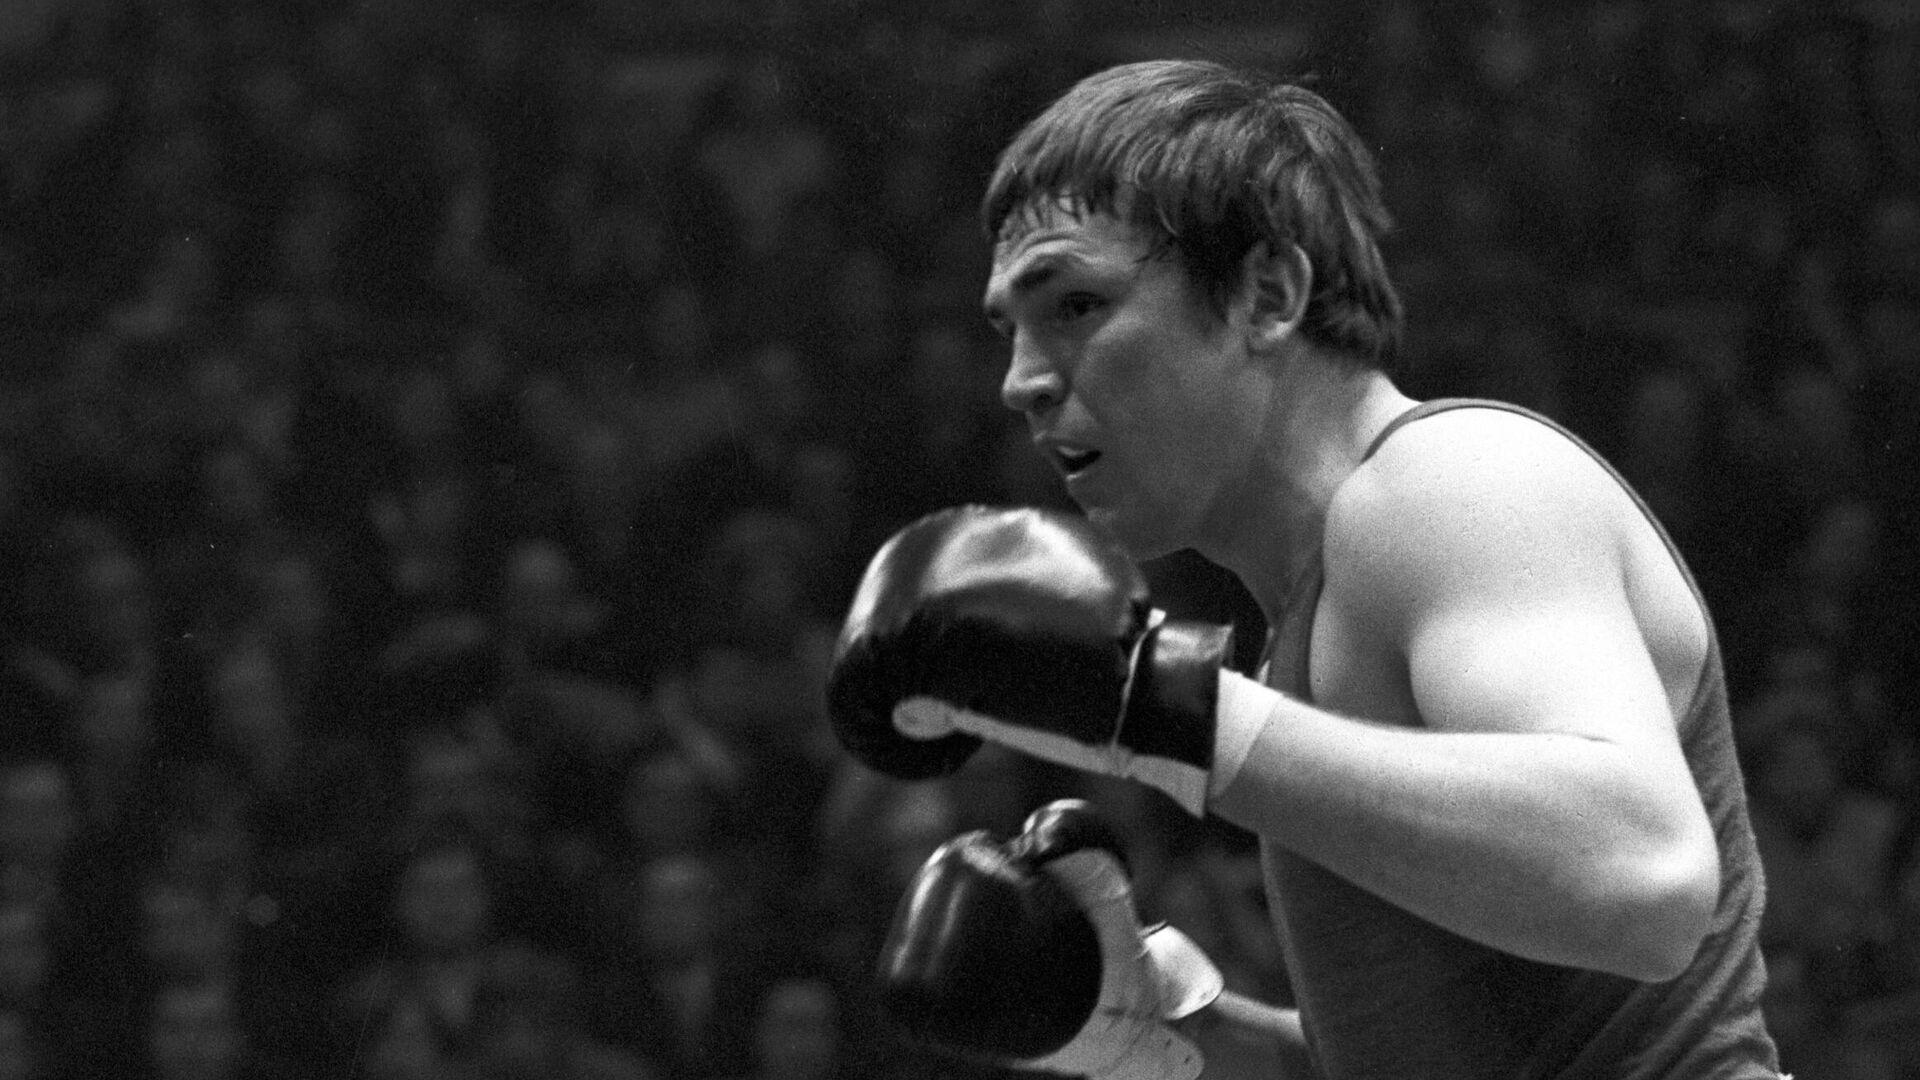 Абсолютный чемпион Советского Союза по боксу 1974 года Евгений Горстков. - РИА Новости, 1920, 13.09.2020